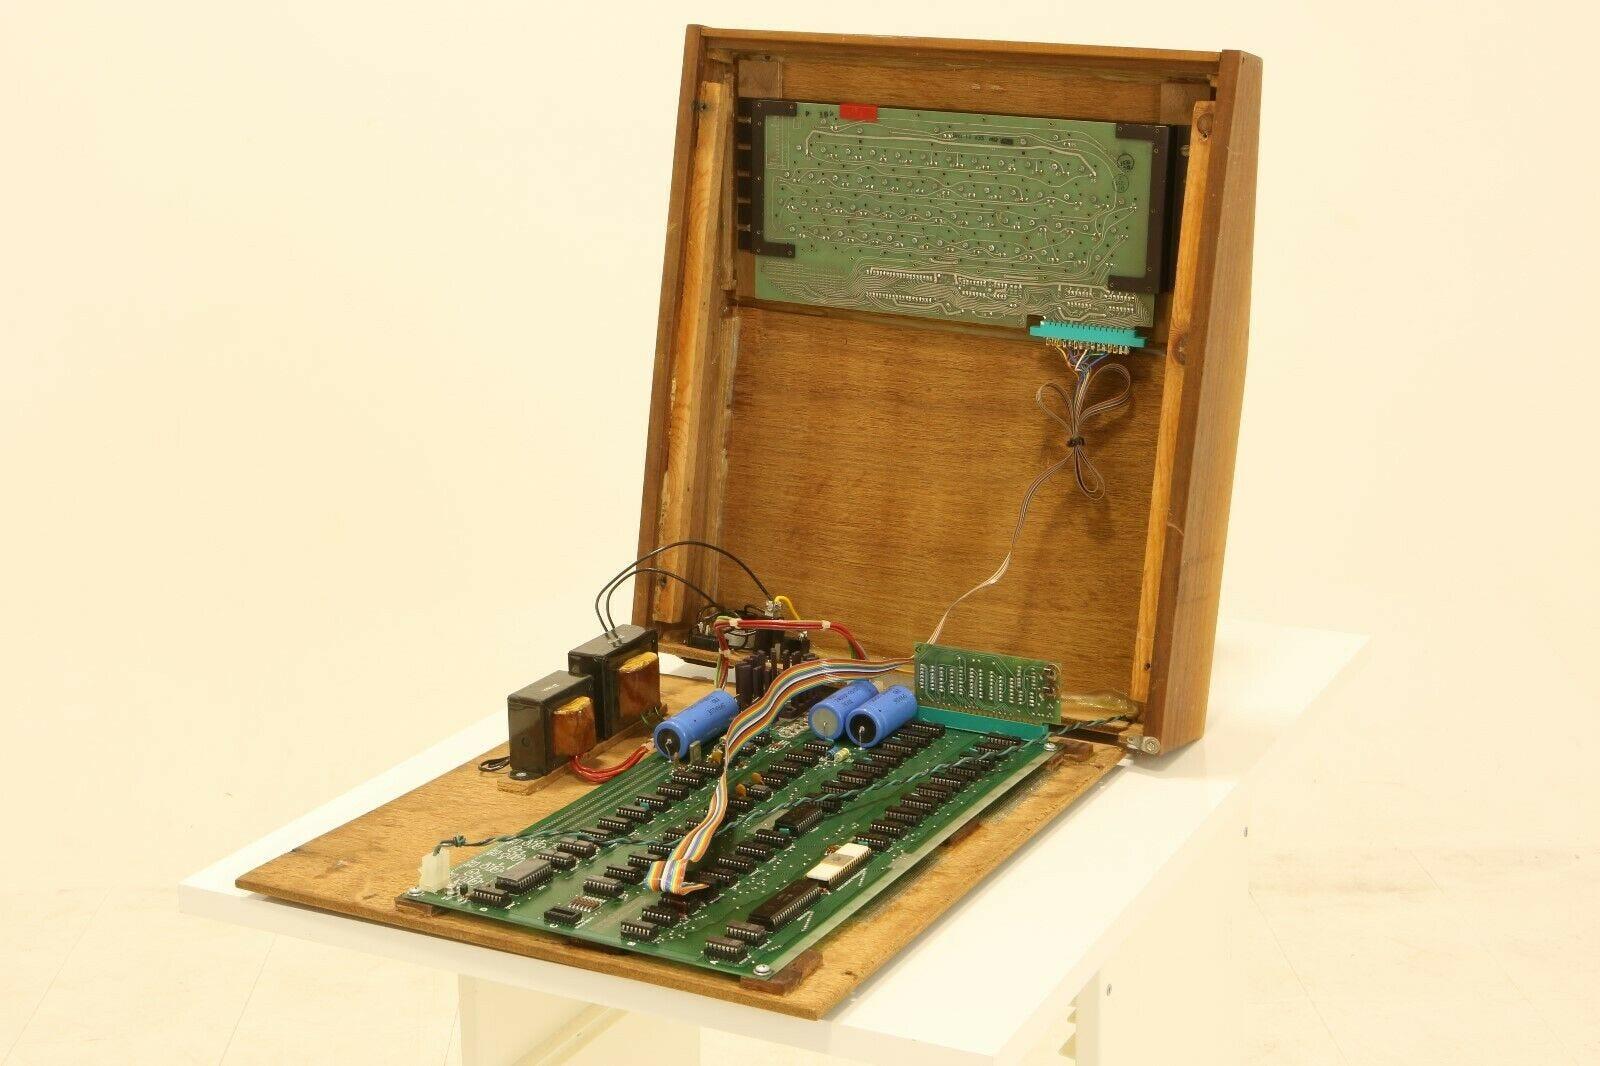 Apple 1 computer, open